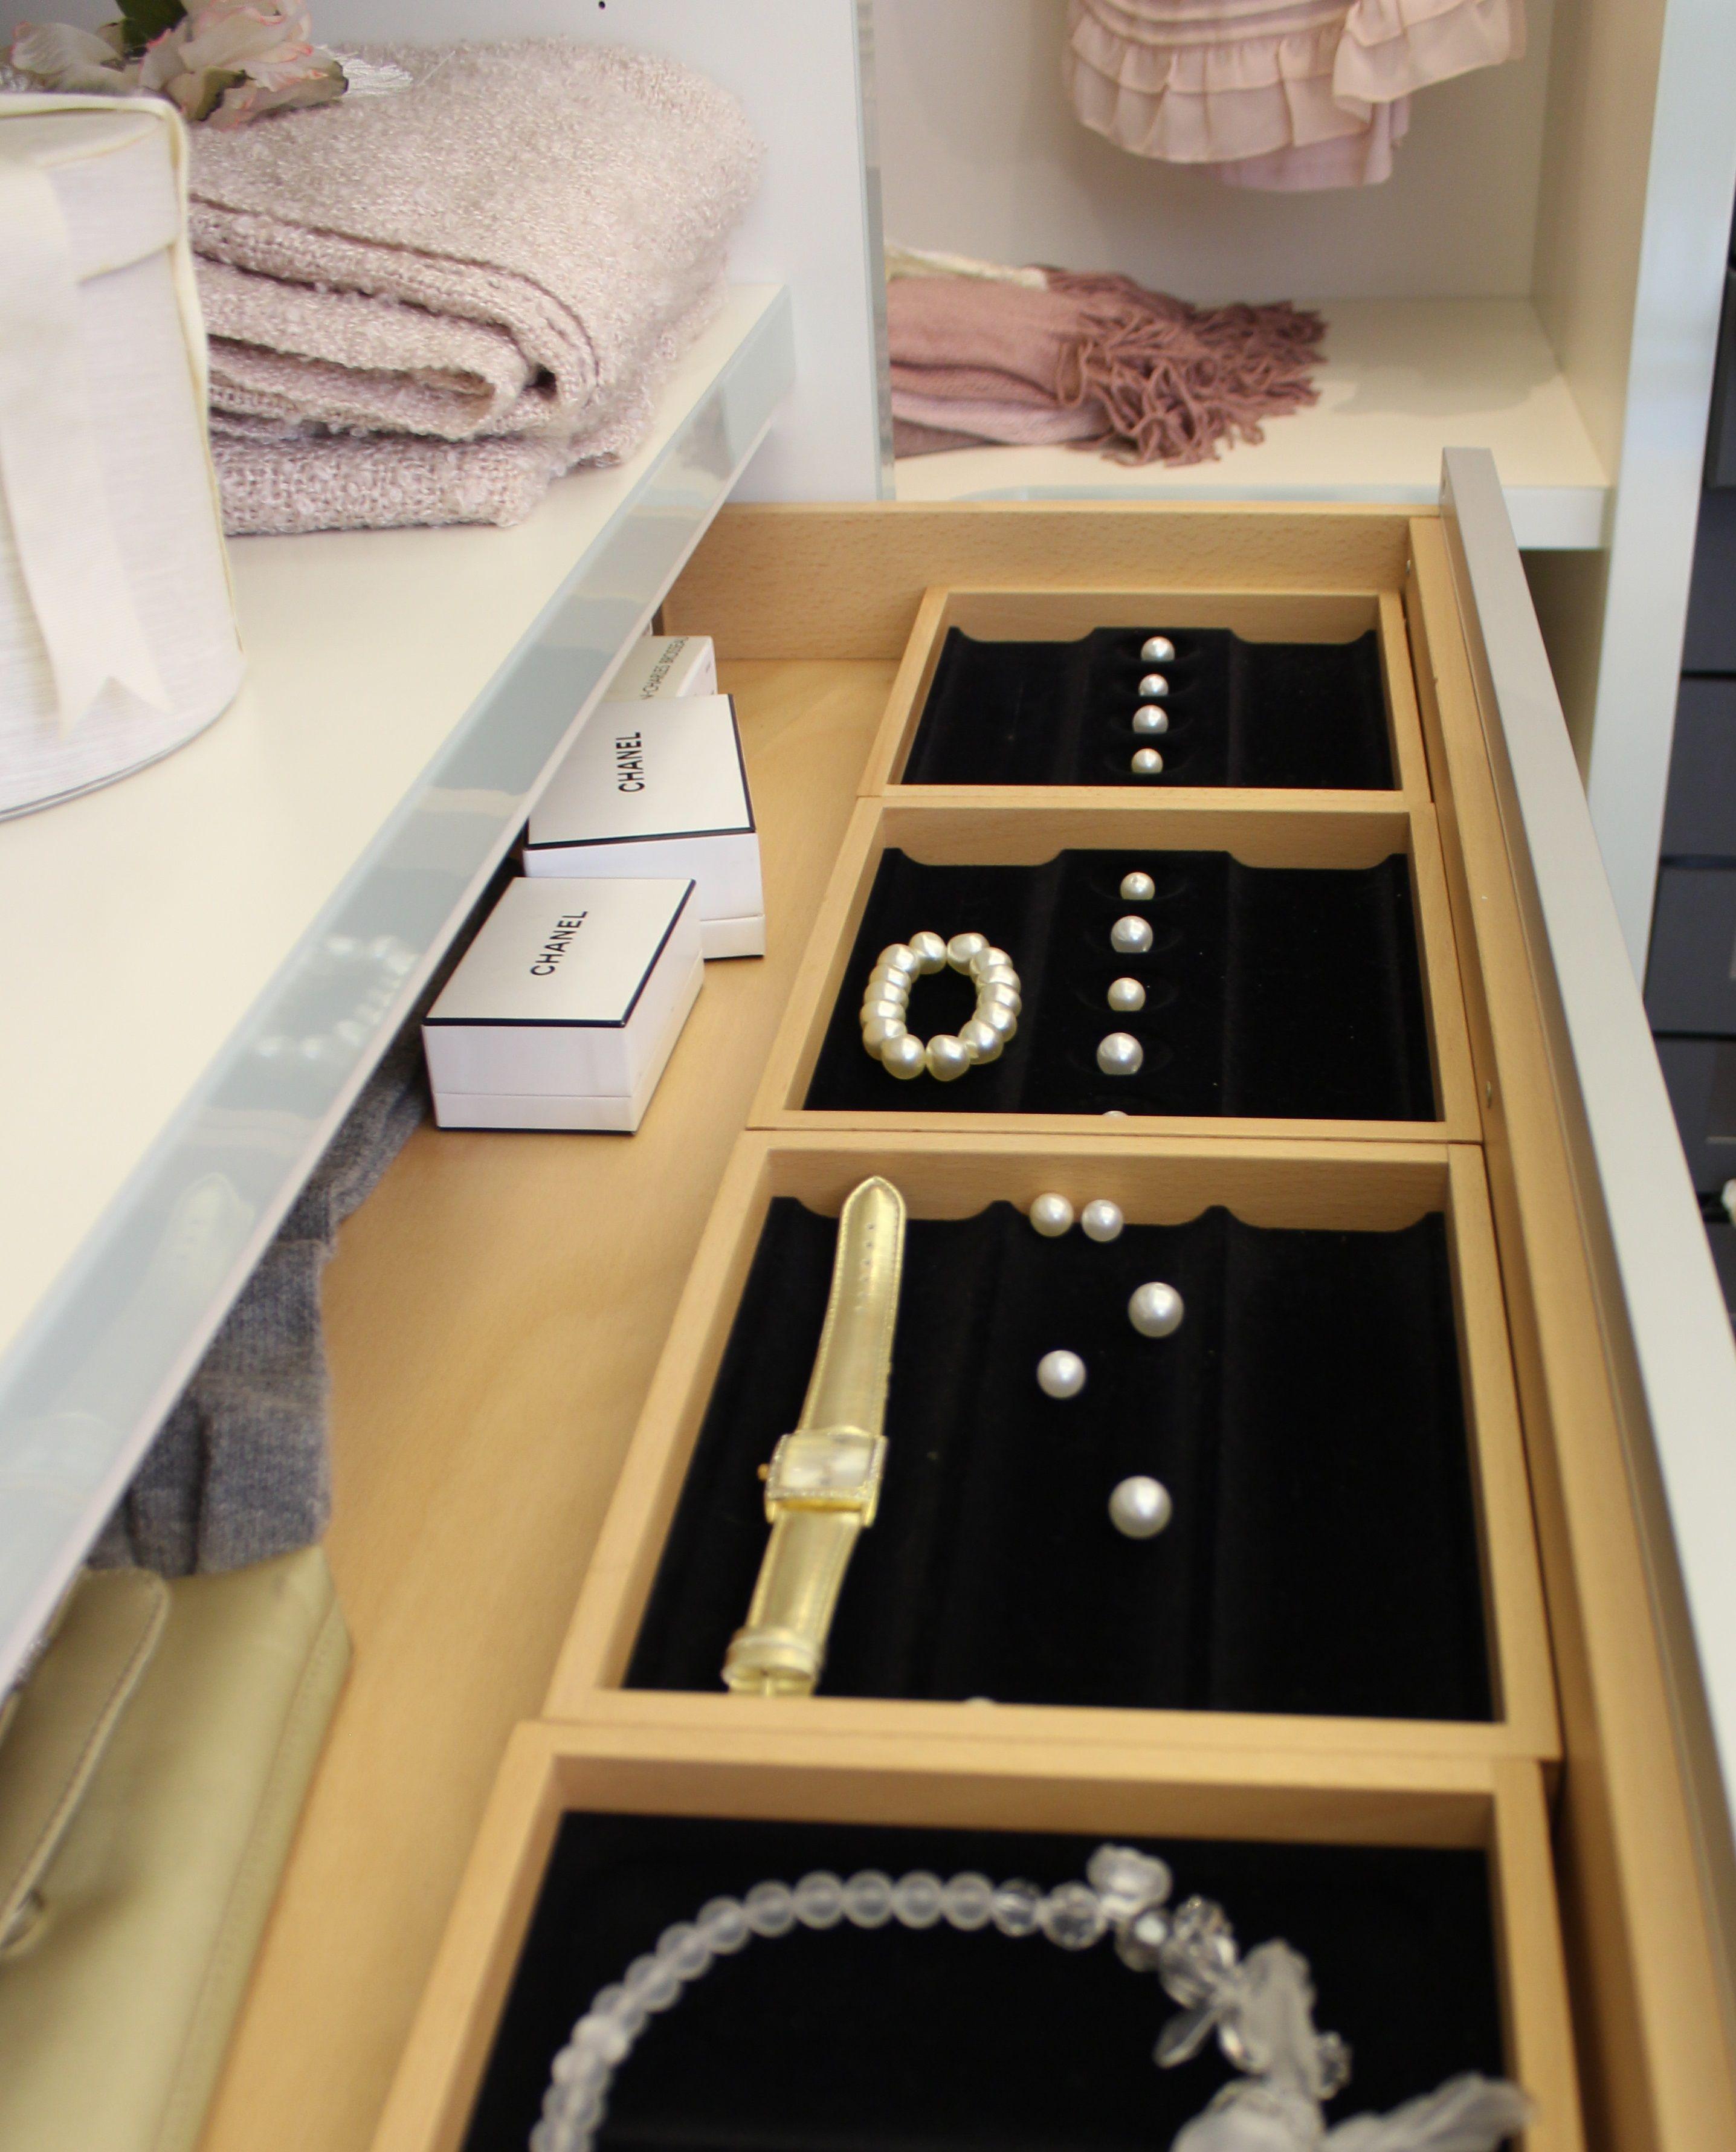 Elegant Es wird glamour s Unsere Schubladeneinteilung von http CABINET de sorgt f r